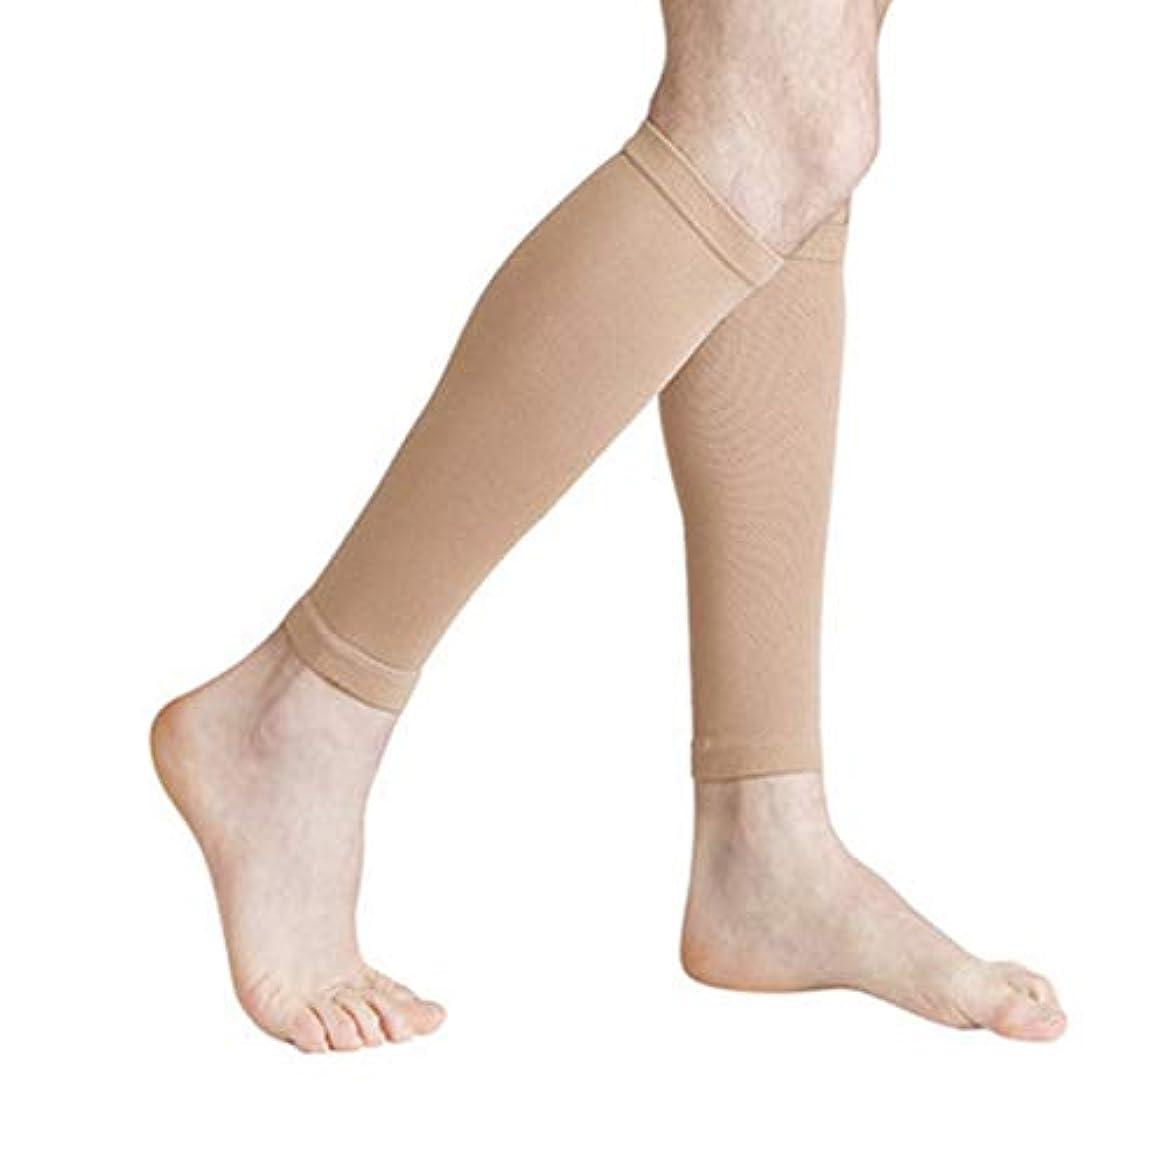 シェーバー巧みなすごい丈夫な男性女性プロの圧縮靴下通気性のある旅行活動看護師用シントスプリントフライトトラベル - 肌色